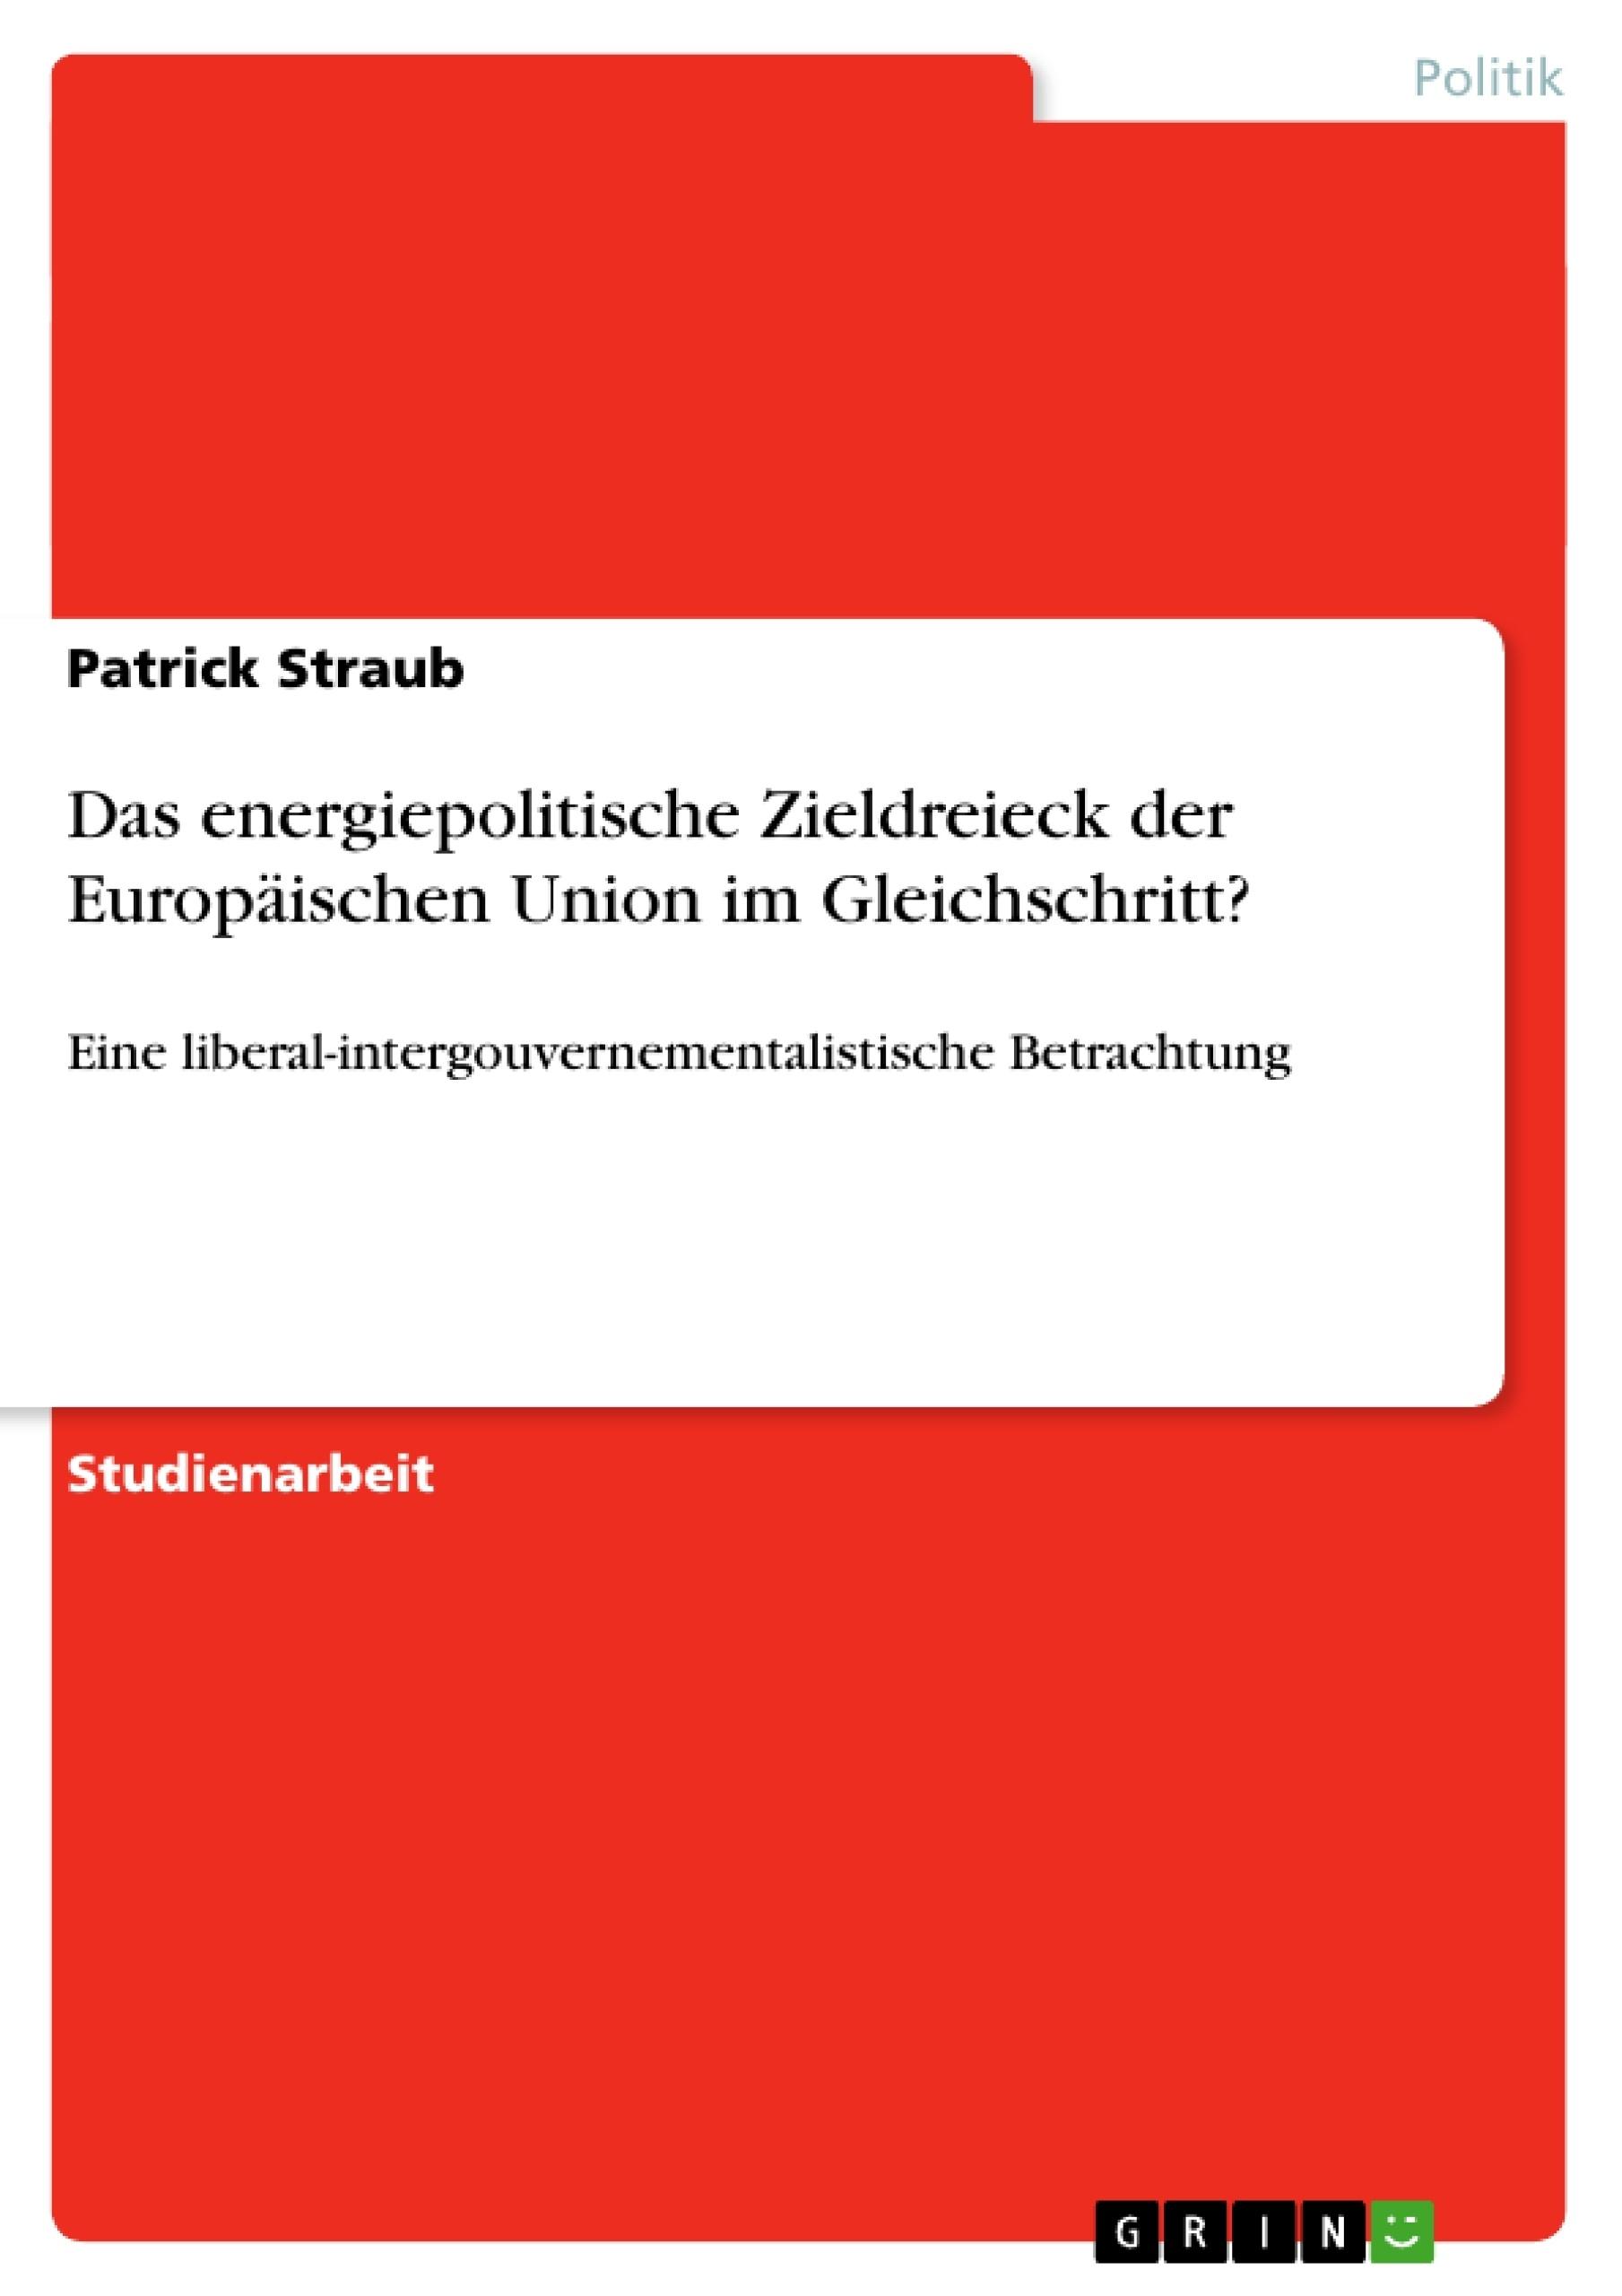 Titel: Das energiepolitische Zieldreieck der Europäischen Union im Gleichschritt?